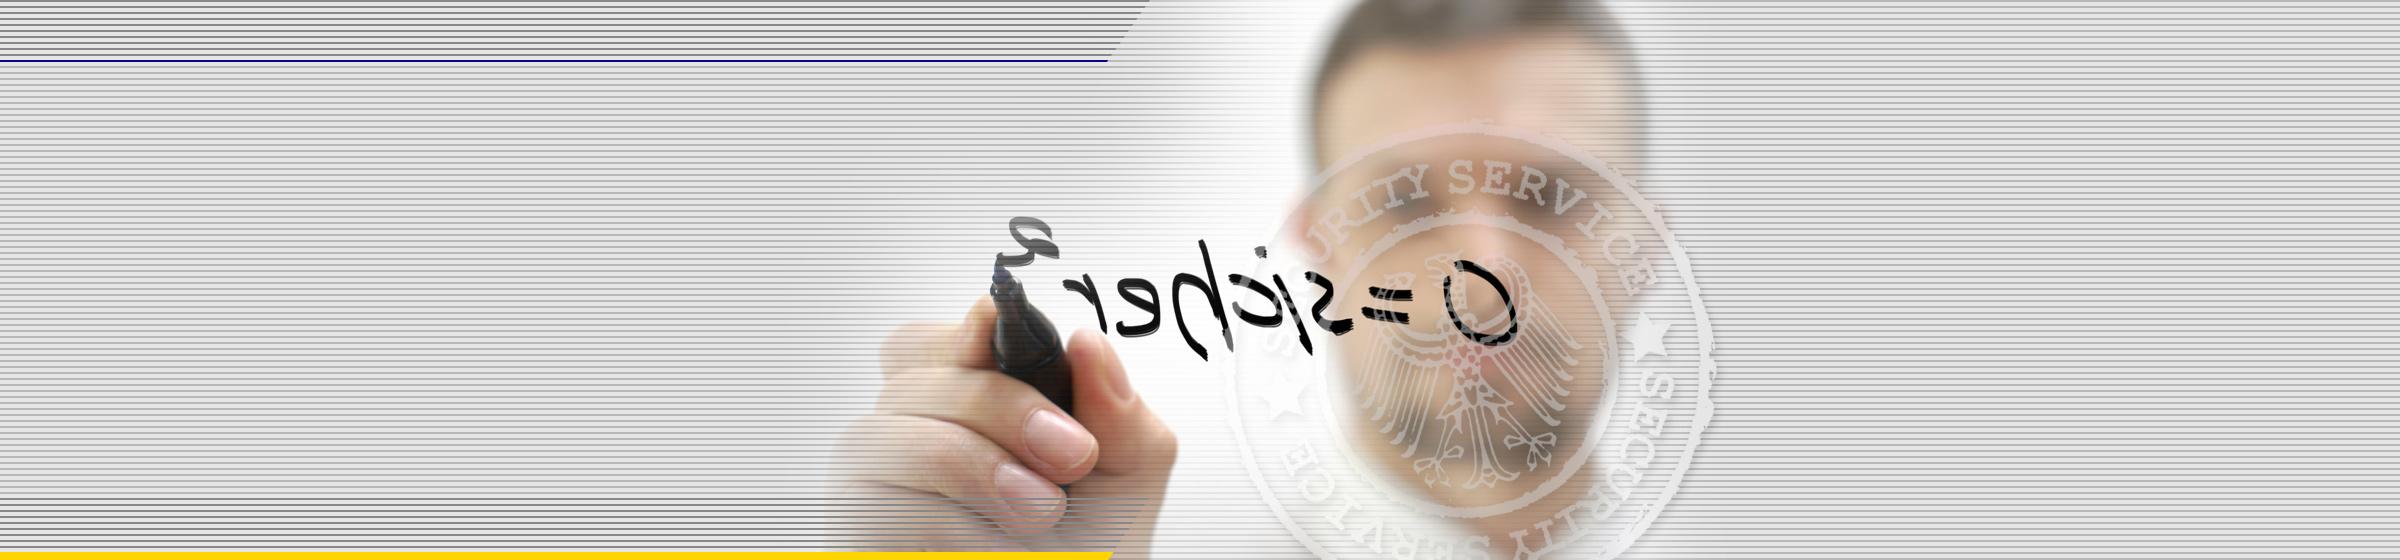 OTT Security Service - Schulung und Beratung